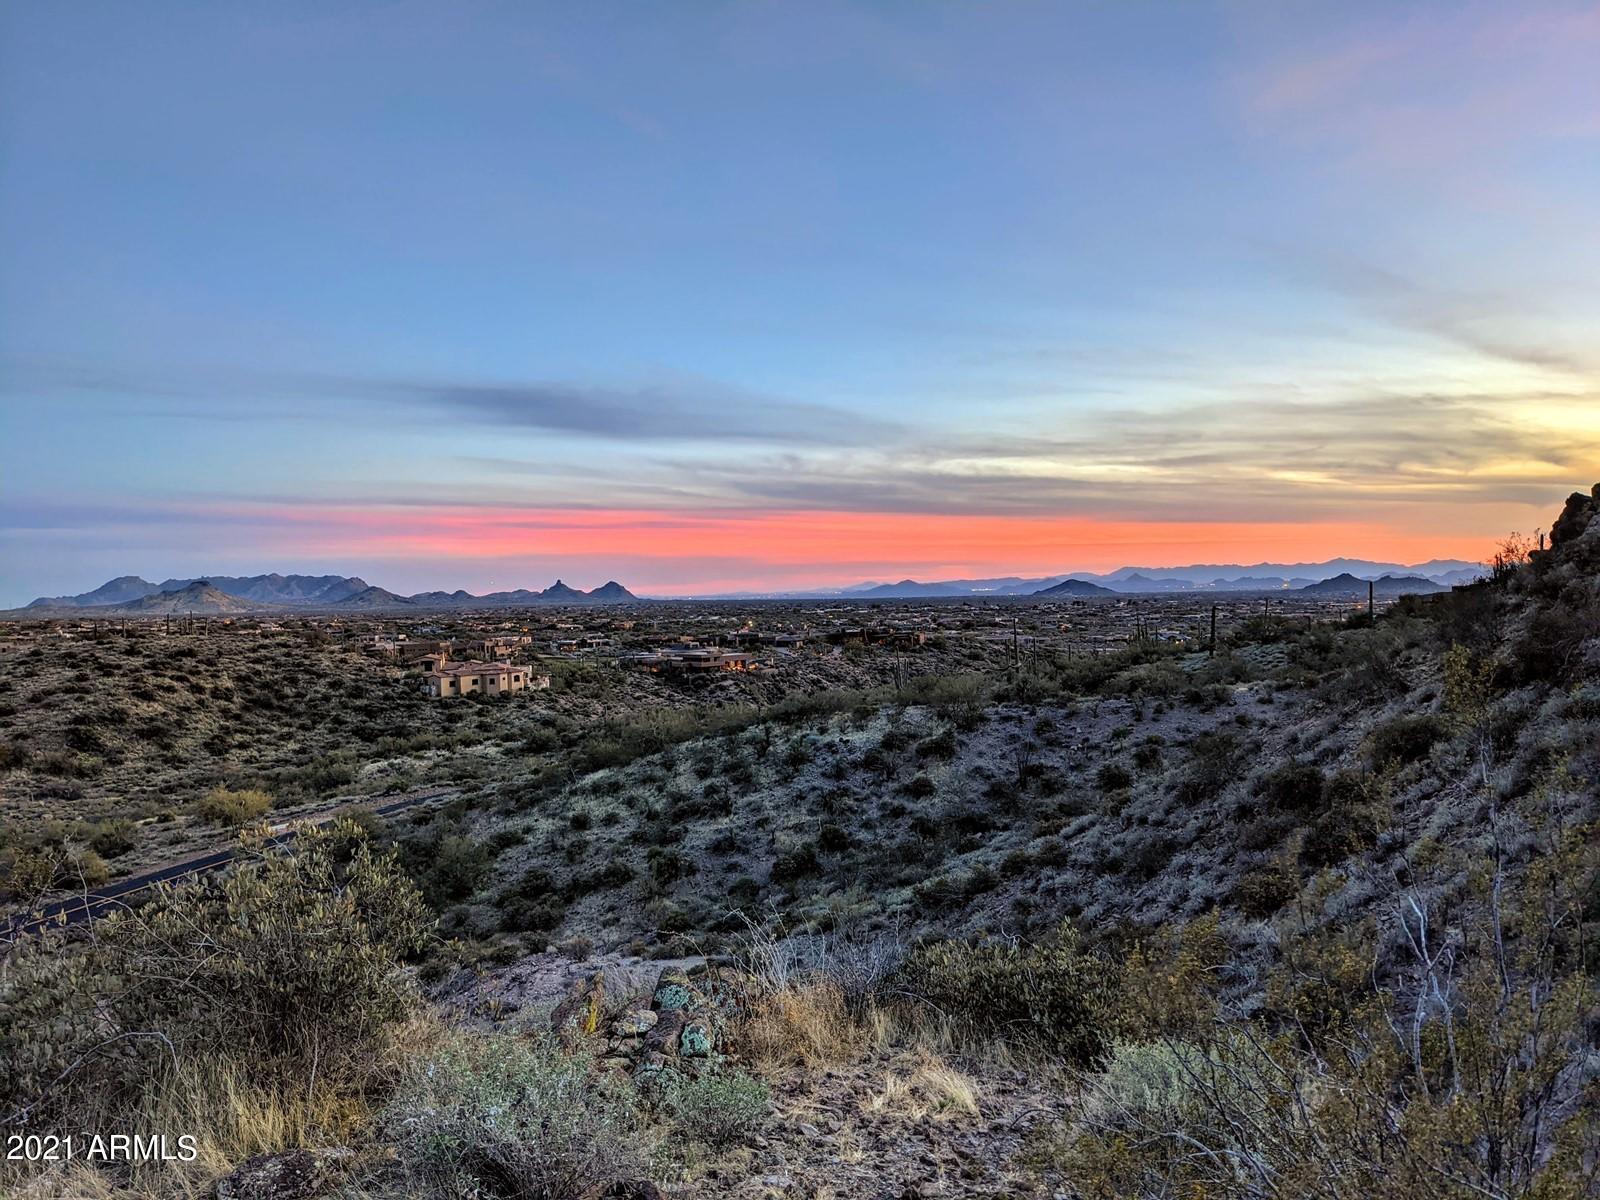 9701 E AW TILLINGHAST Road # 25, Scottsdale, AZ 85262, ,Land,For Sale,9701 E AW TILLINGHAST Road # 25,6197881